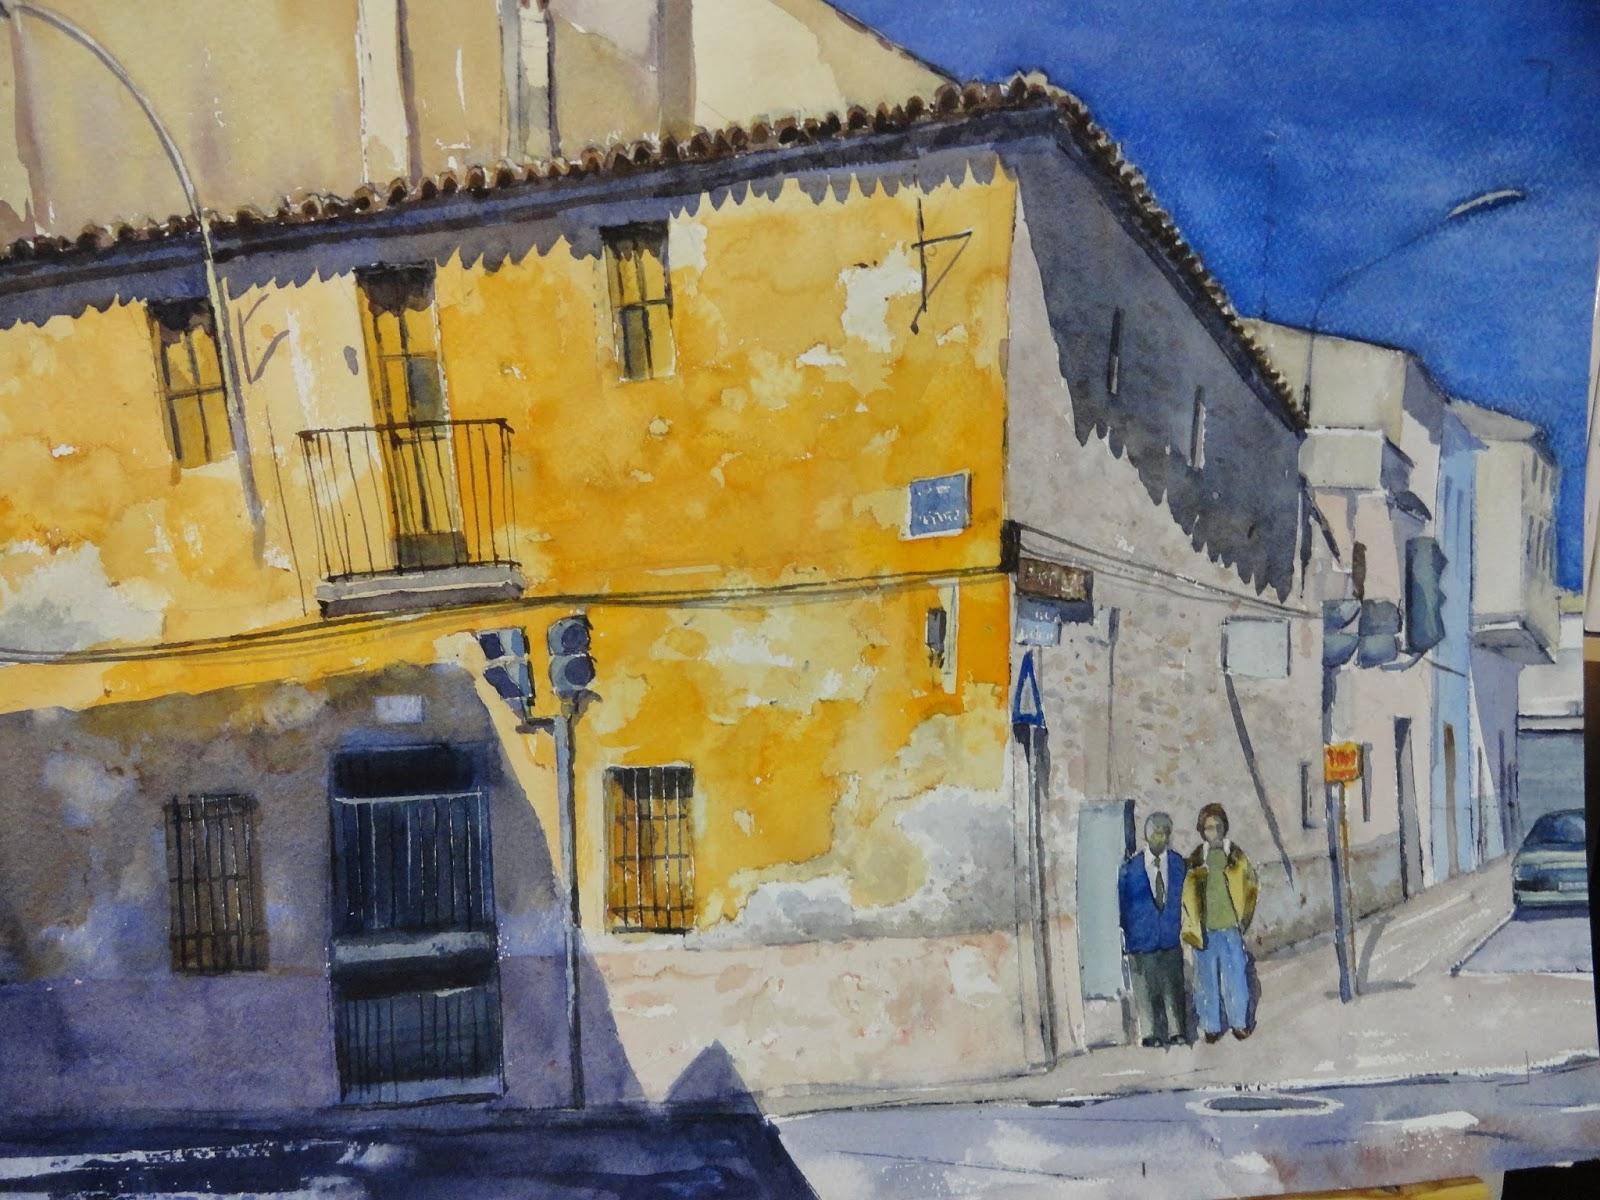 El blog de joaqu n medina el valor de la fotograf a - Trabajos de pintor en madrid ...